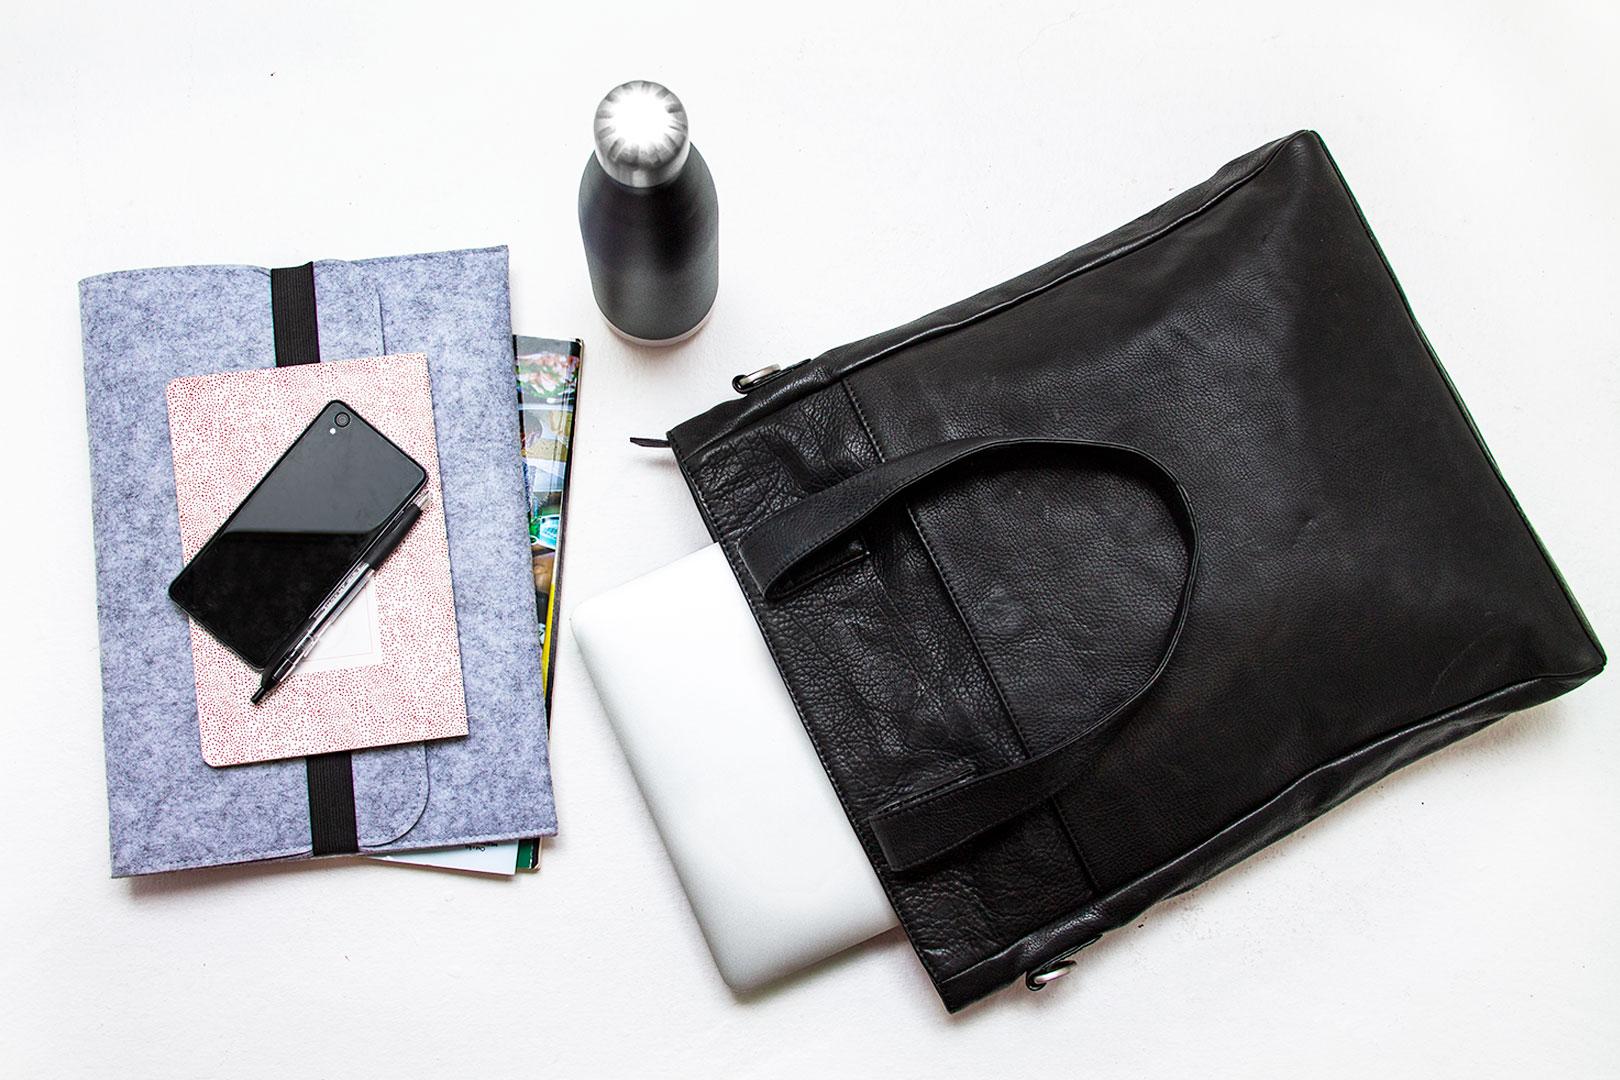 Firenze shopper flot og stilren skuldertaske i vegetabilsk garvet læder lædertaske til kvinder i smukt cognacbrunt skind enkelt dansk design med plads til computer